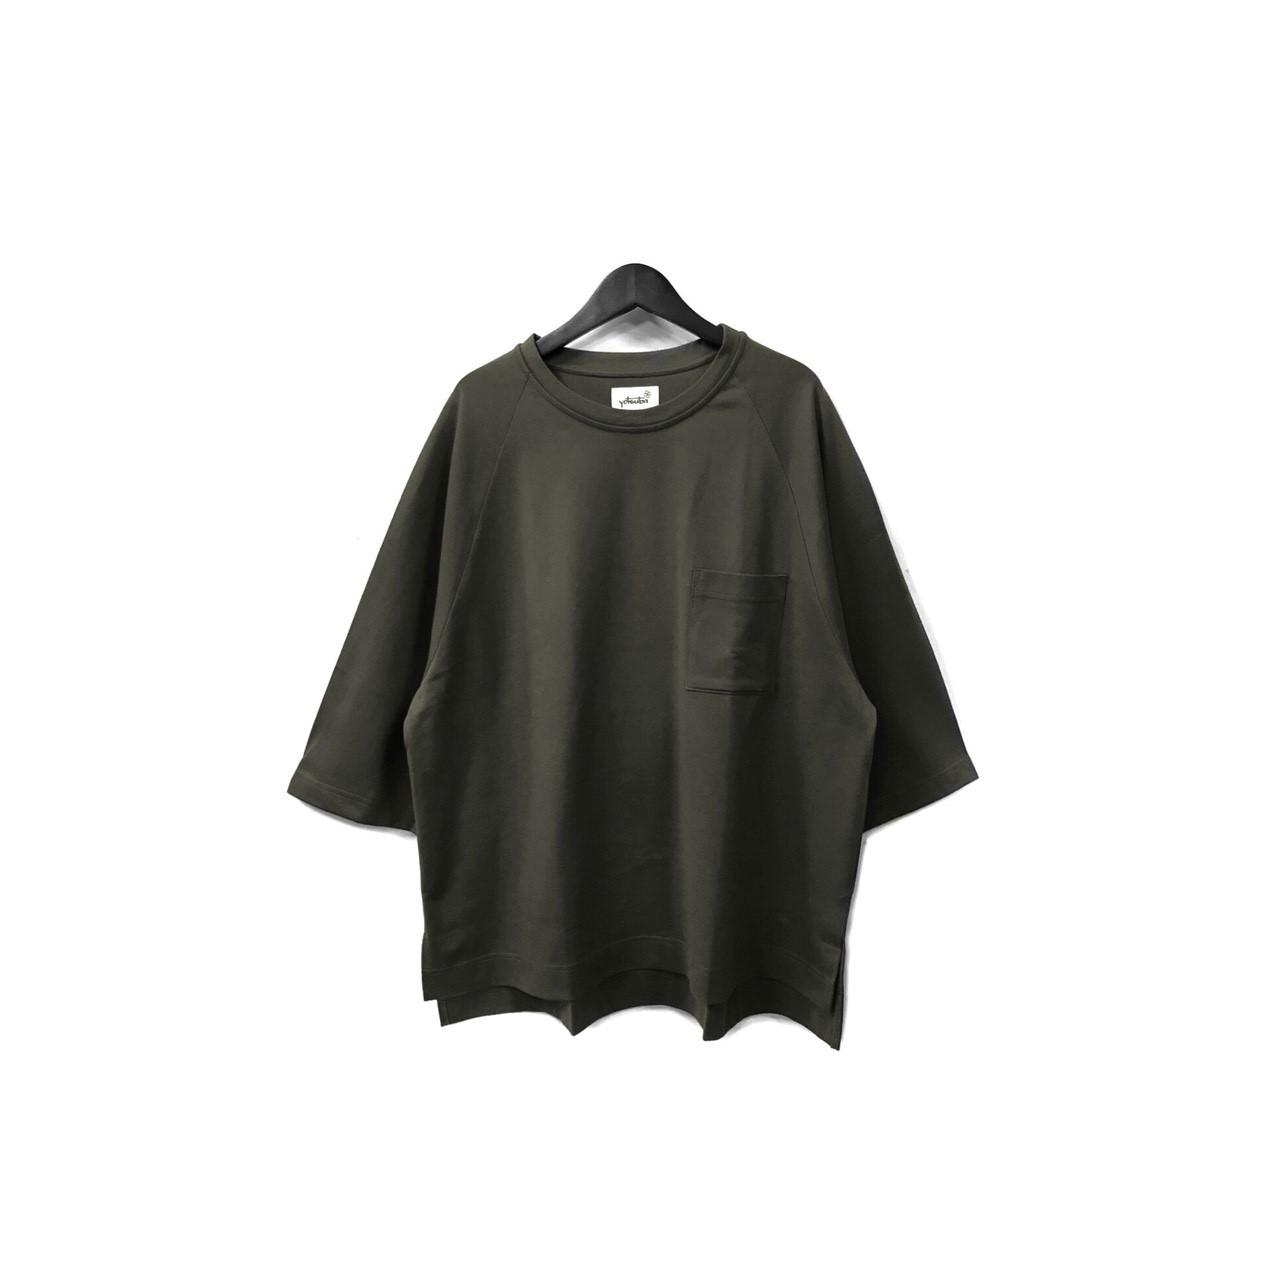 yotsuba - Raglan Pocket Tee / BLACK ¥8500+tax